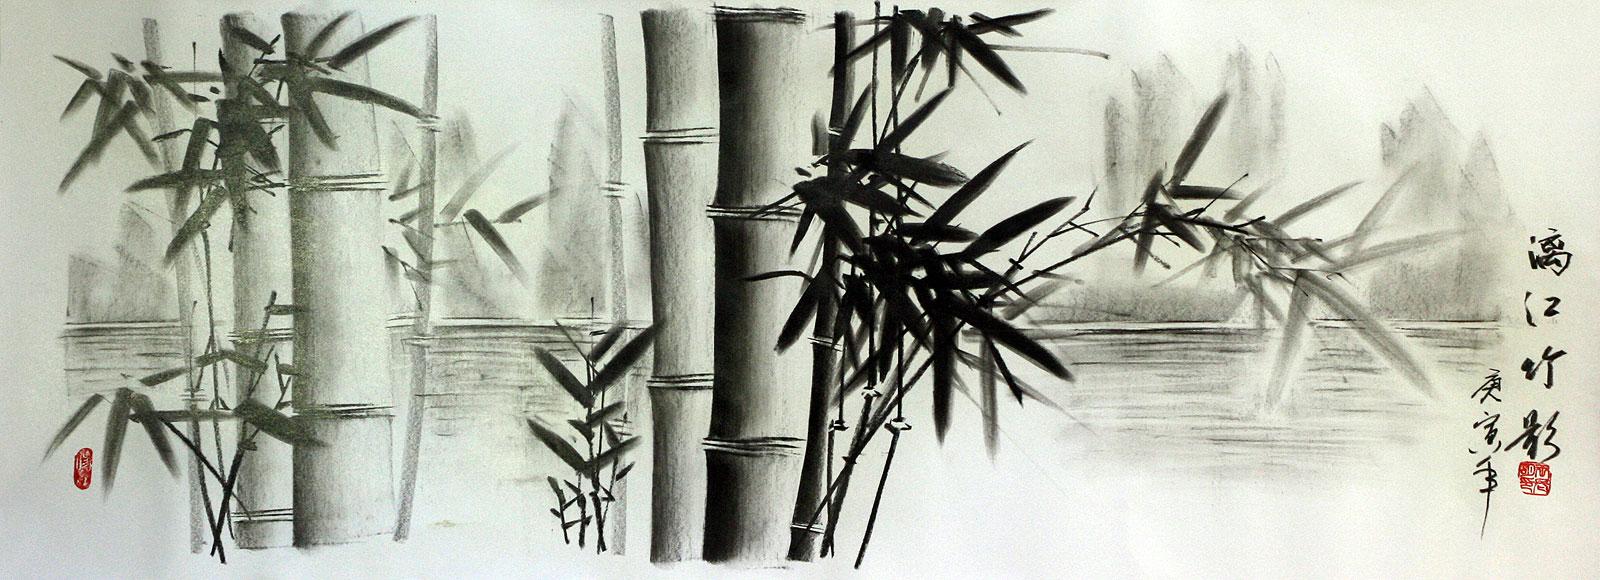 bamboo drawing - photo #26